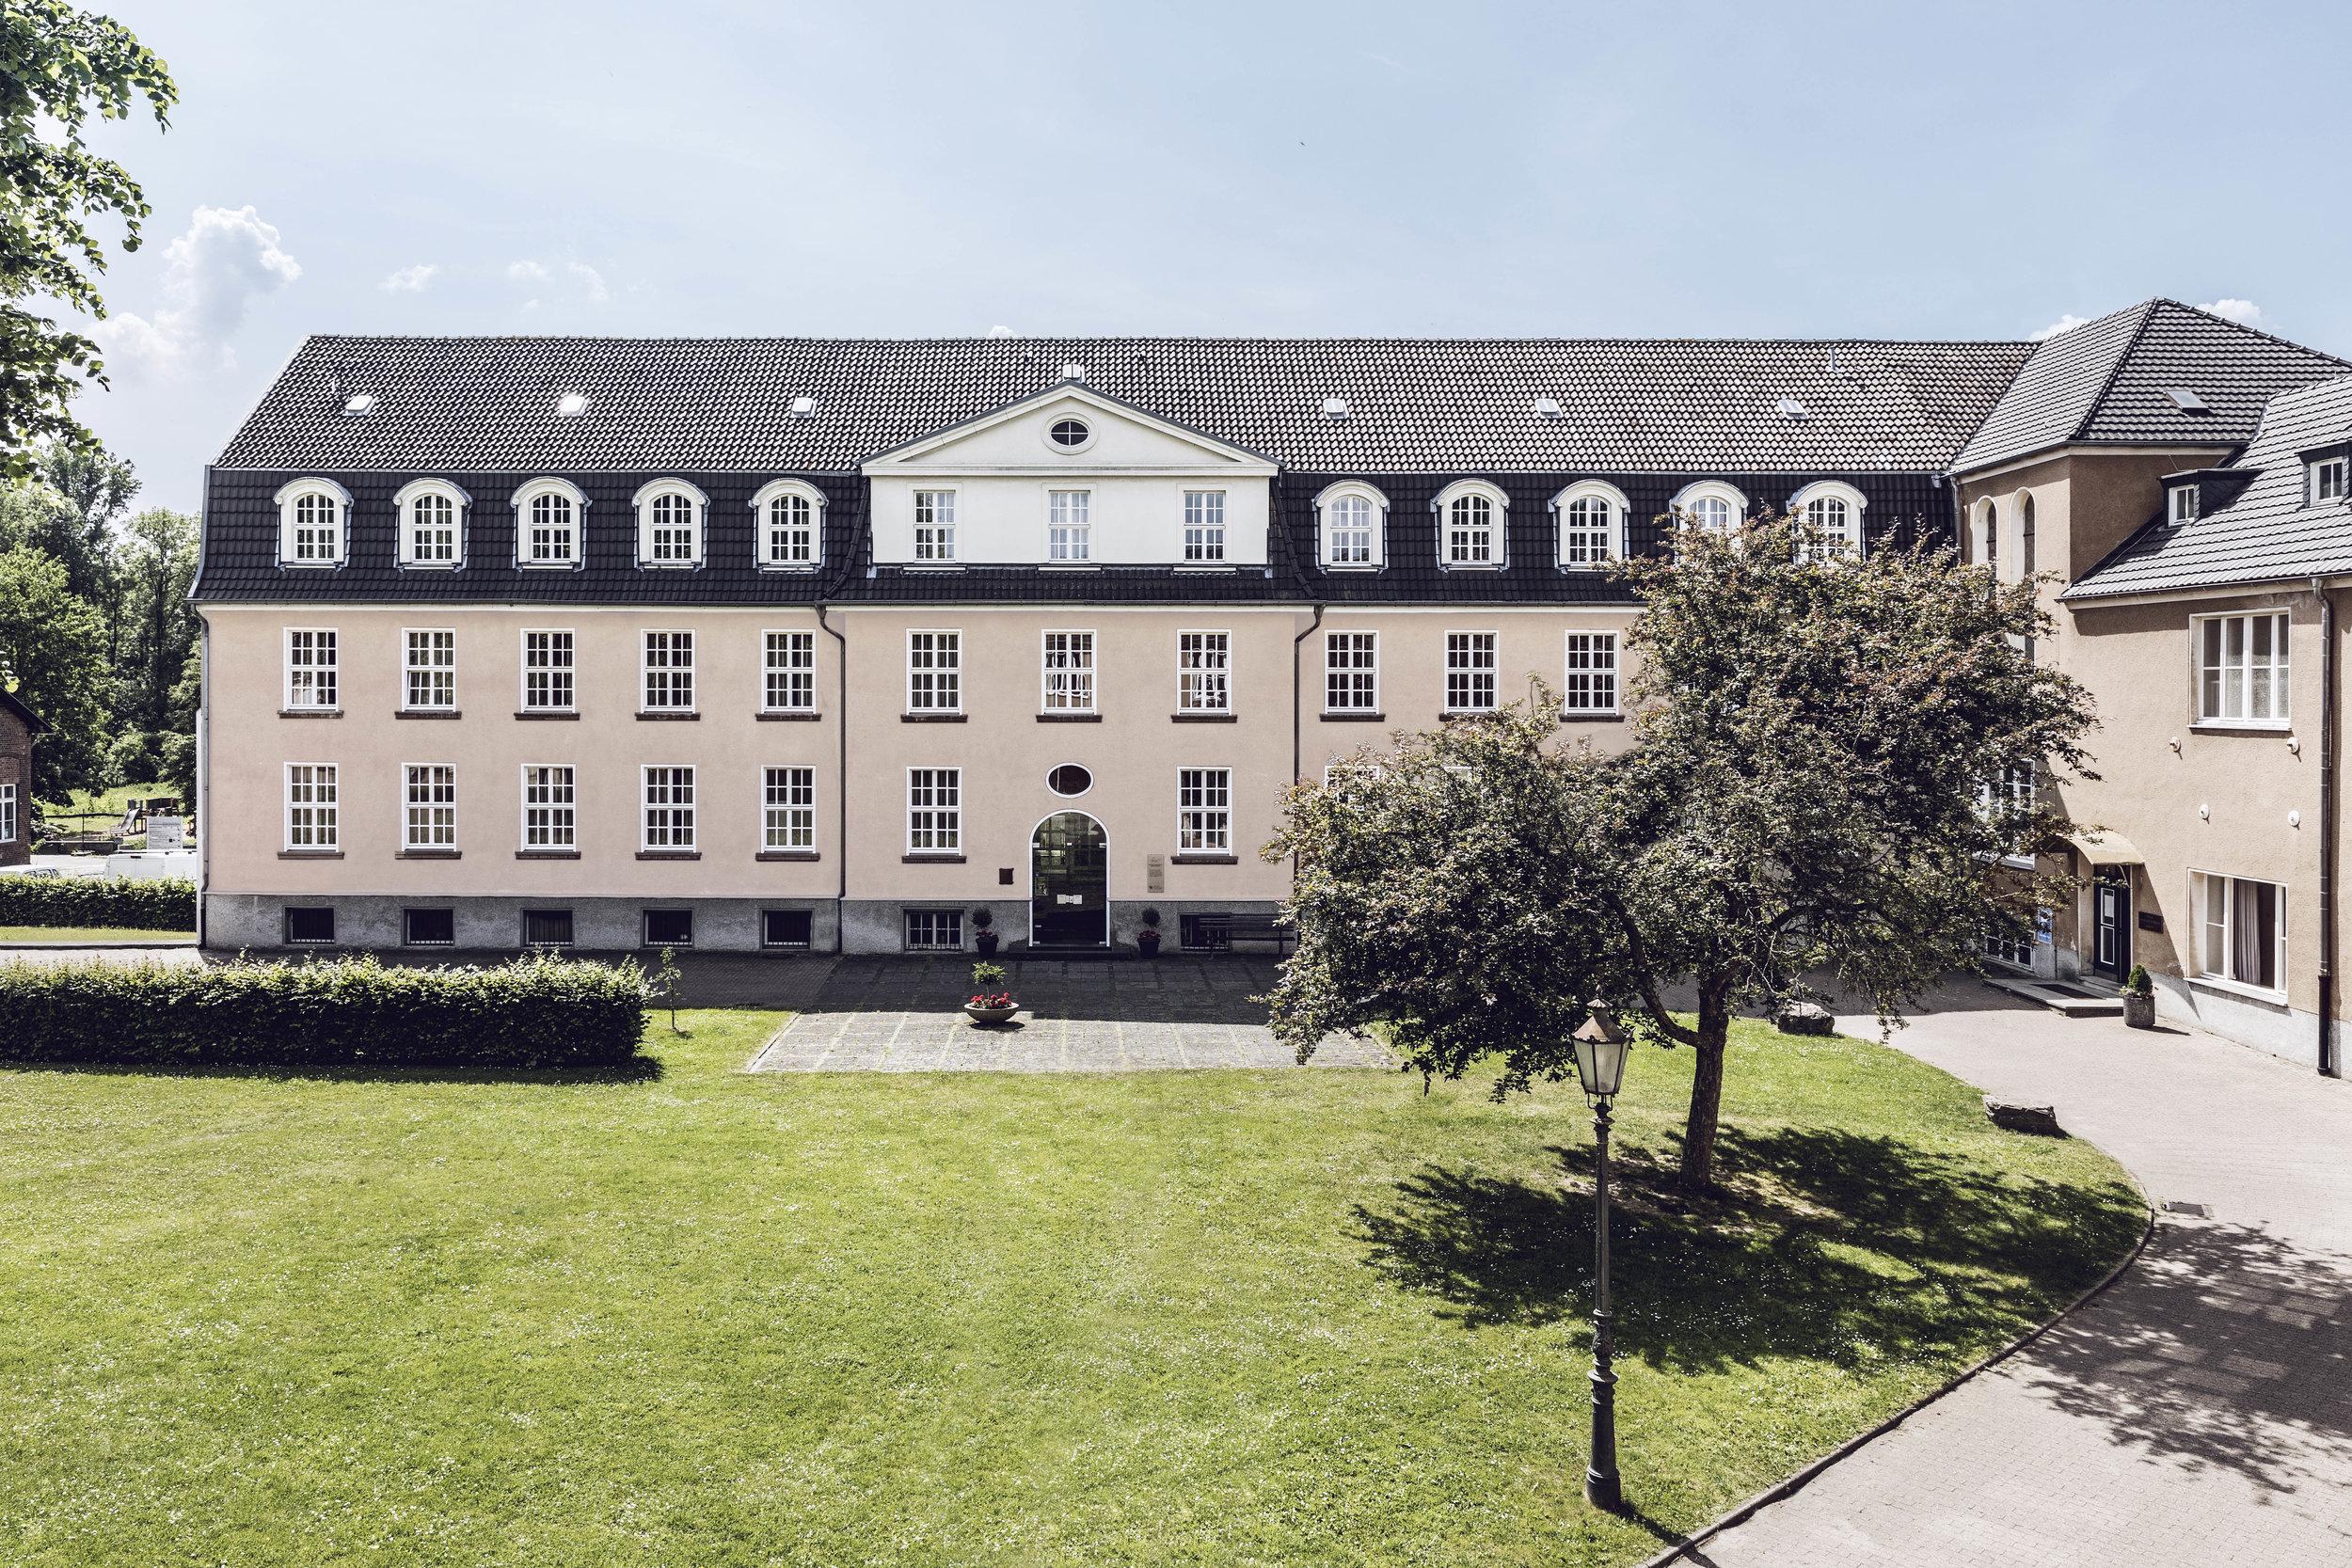 201810_MC_Pension-Gebäude_ZVA-7920_Fassade_kl.jpg